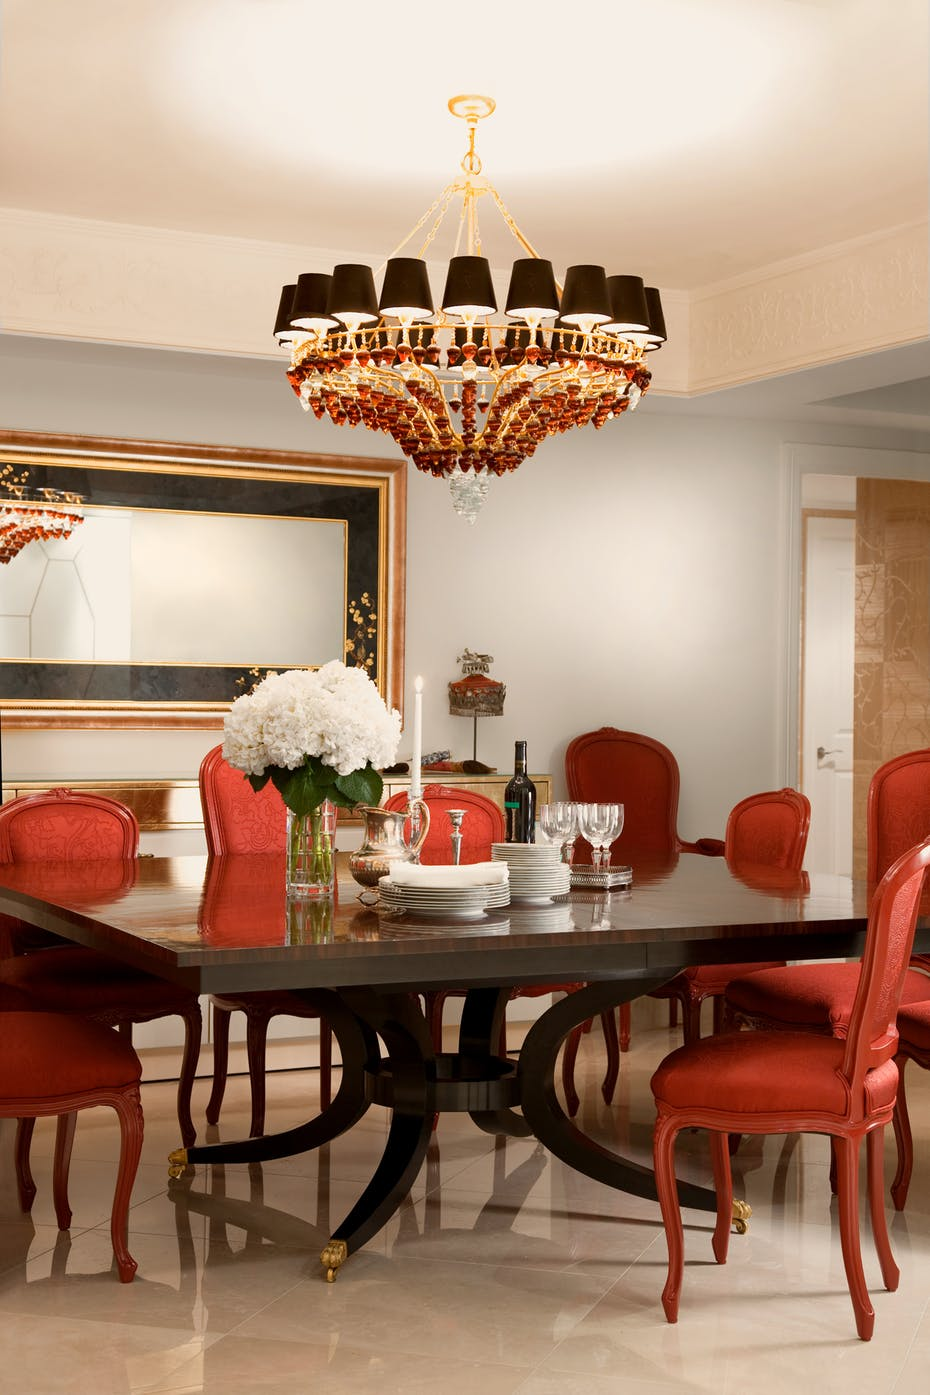 Những bộ đèn trang trí sắc màu này liệu có khiến ngôi nhà của bạn trở nên rực rỡ - Ảnh 9.